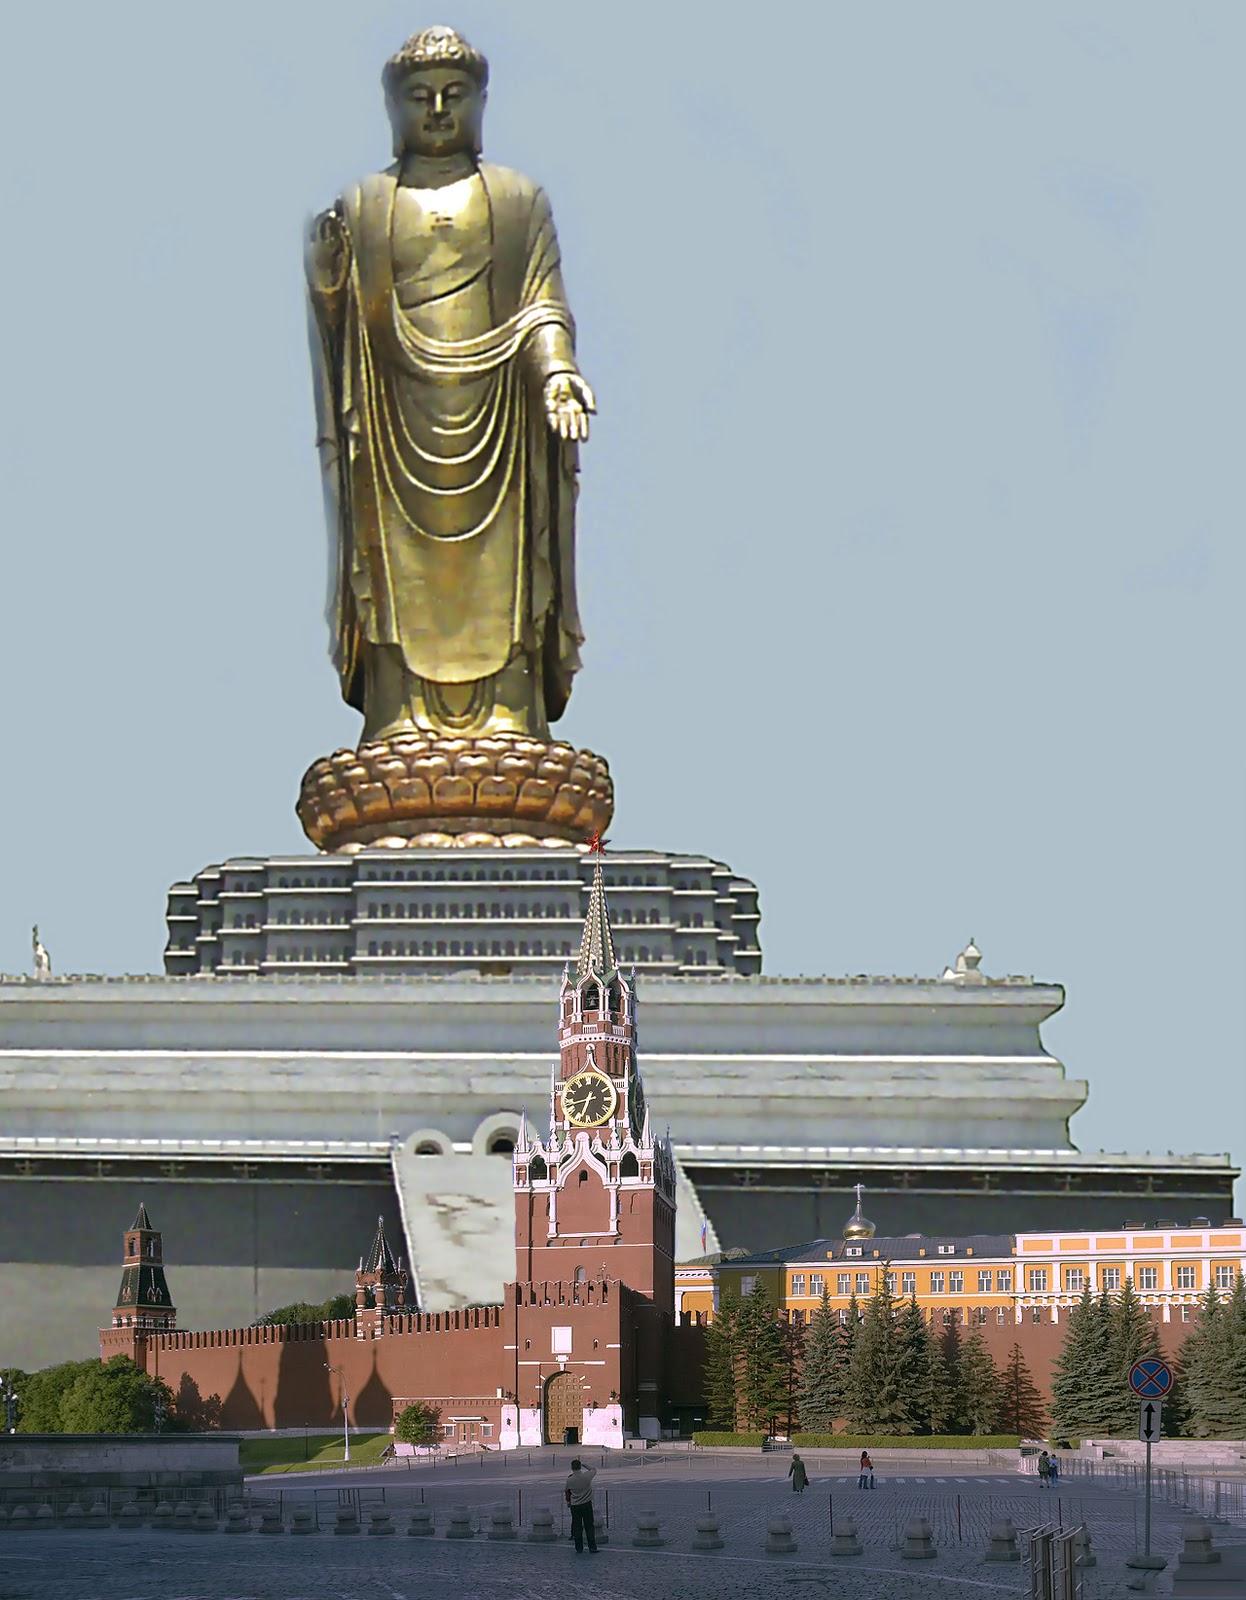 Будда Весеннего Храма - самый высокий будда в мире